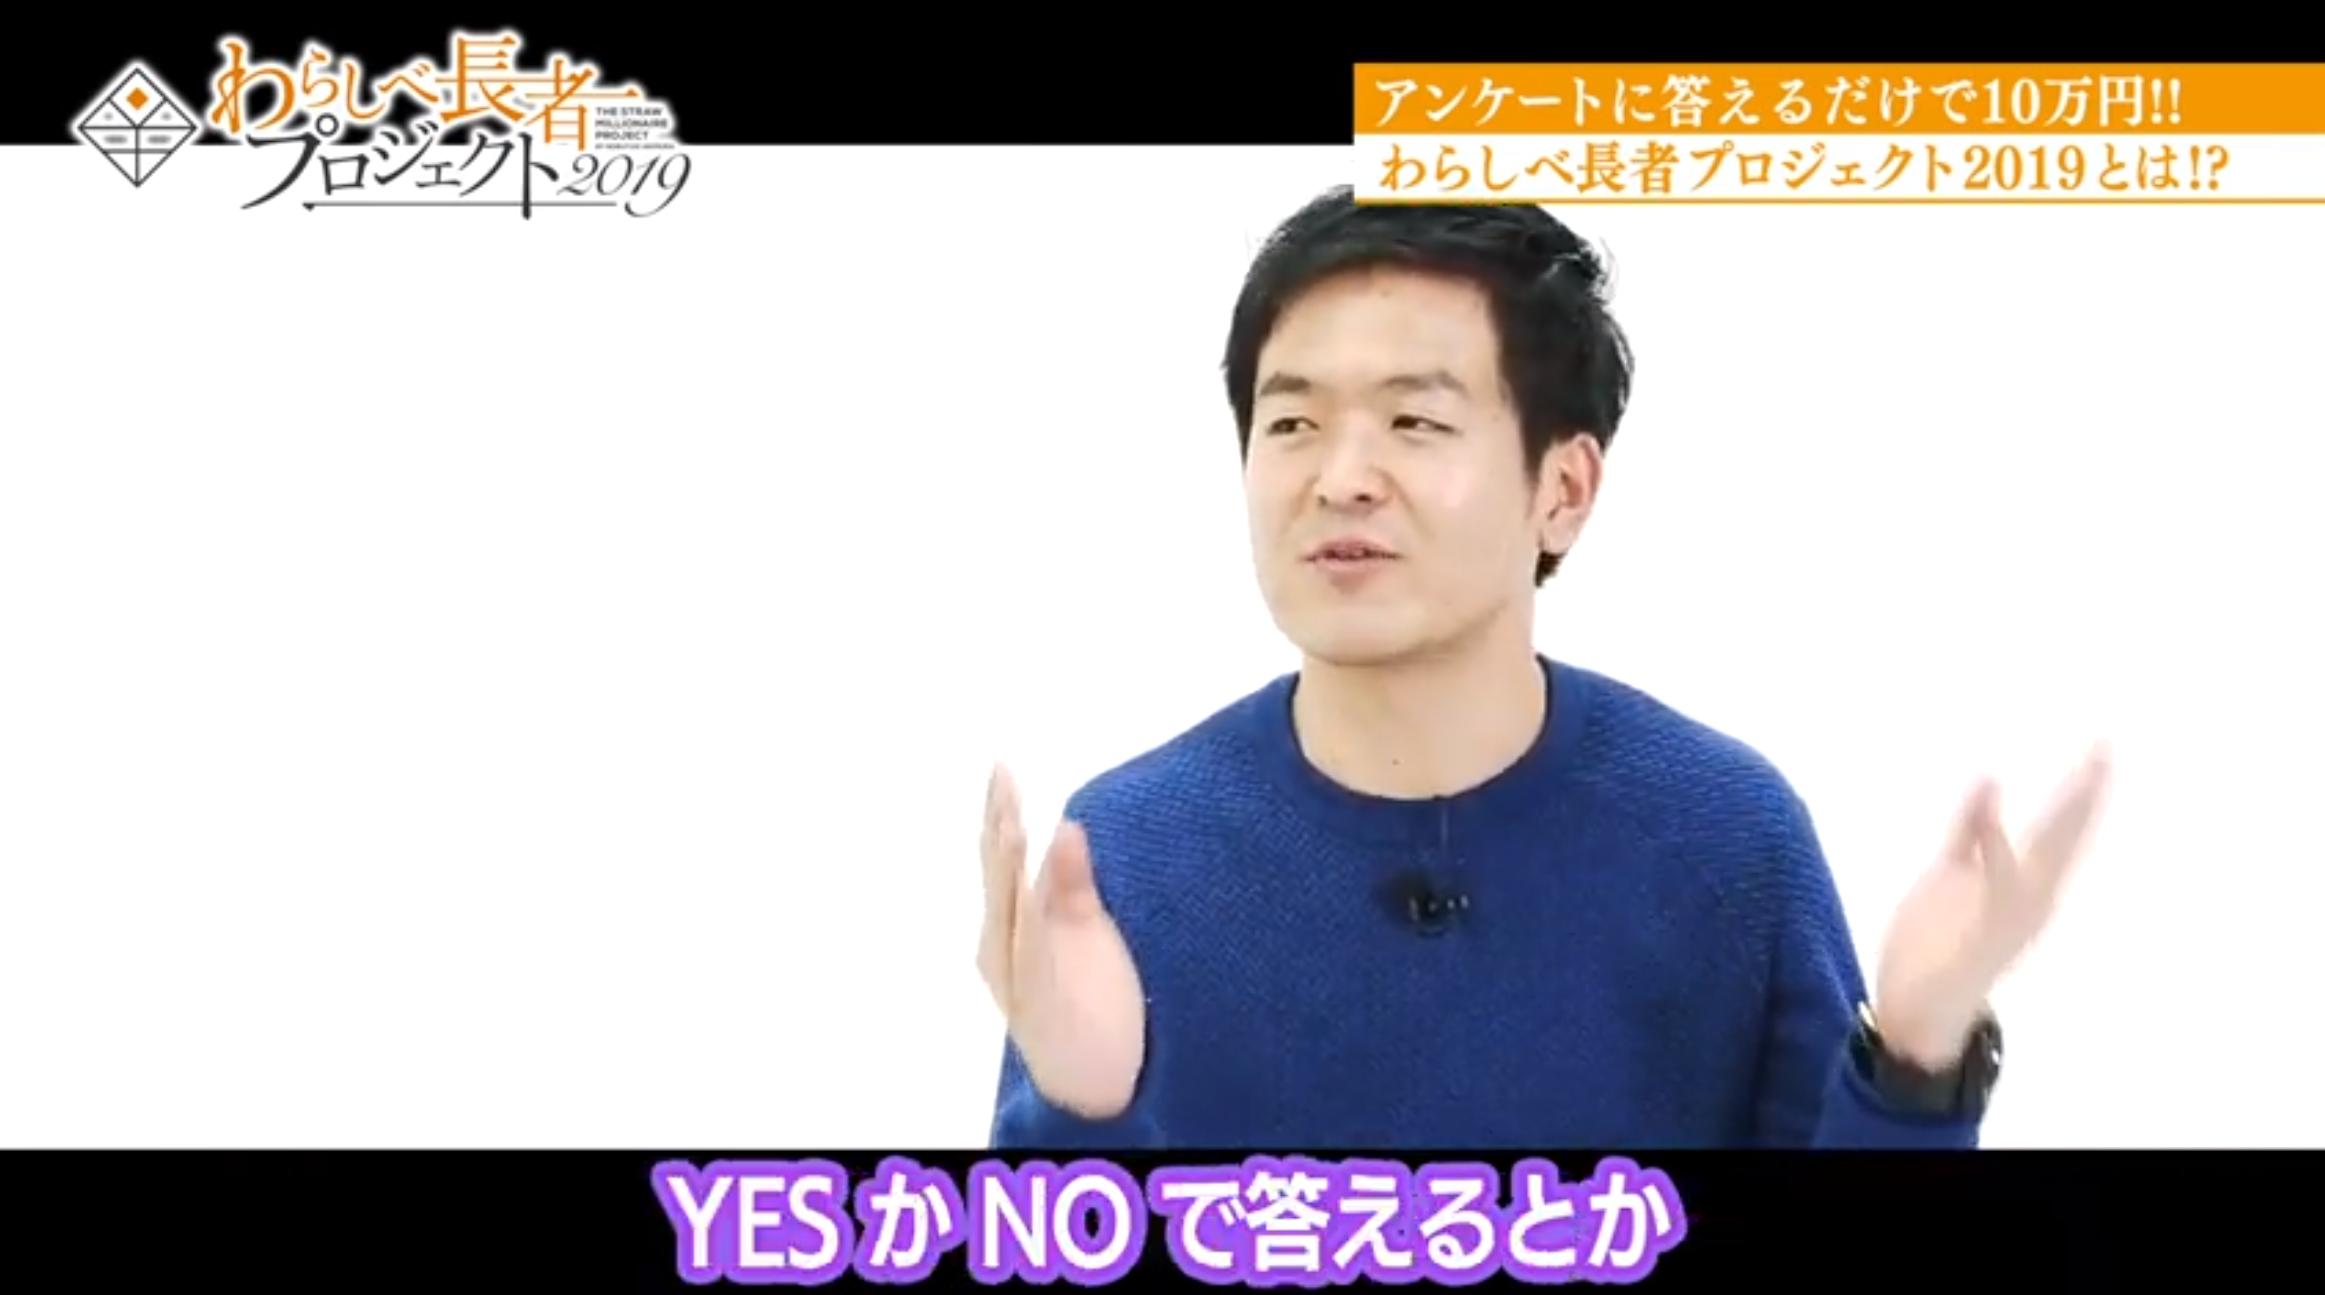 有村ノブユキ わらしべ長者プロジェクト2019 YouTube画像2